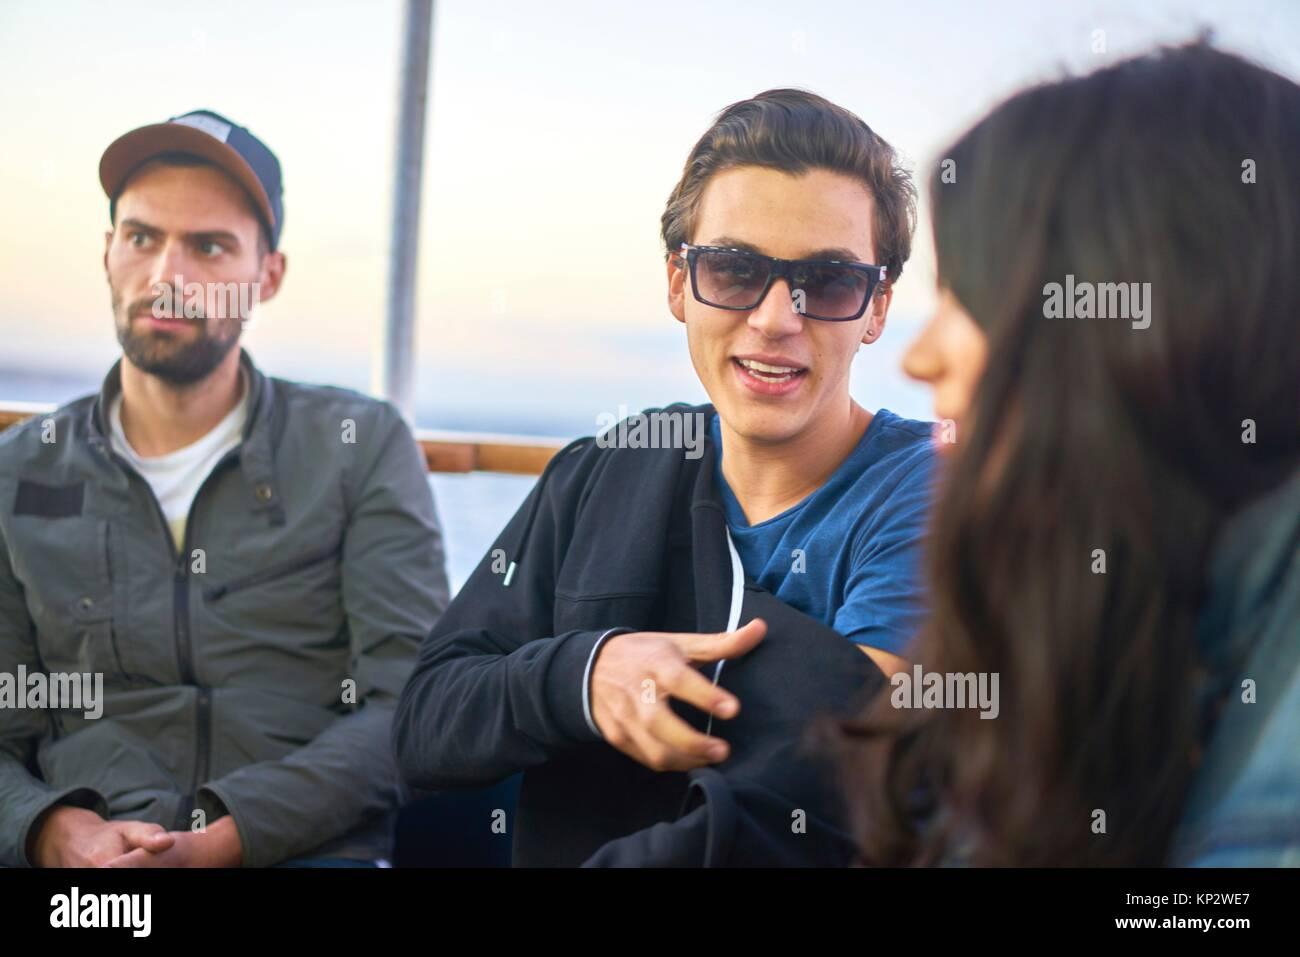 Junge internationale Leute während des Gesprächs Stockbild